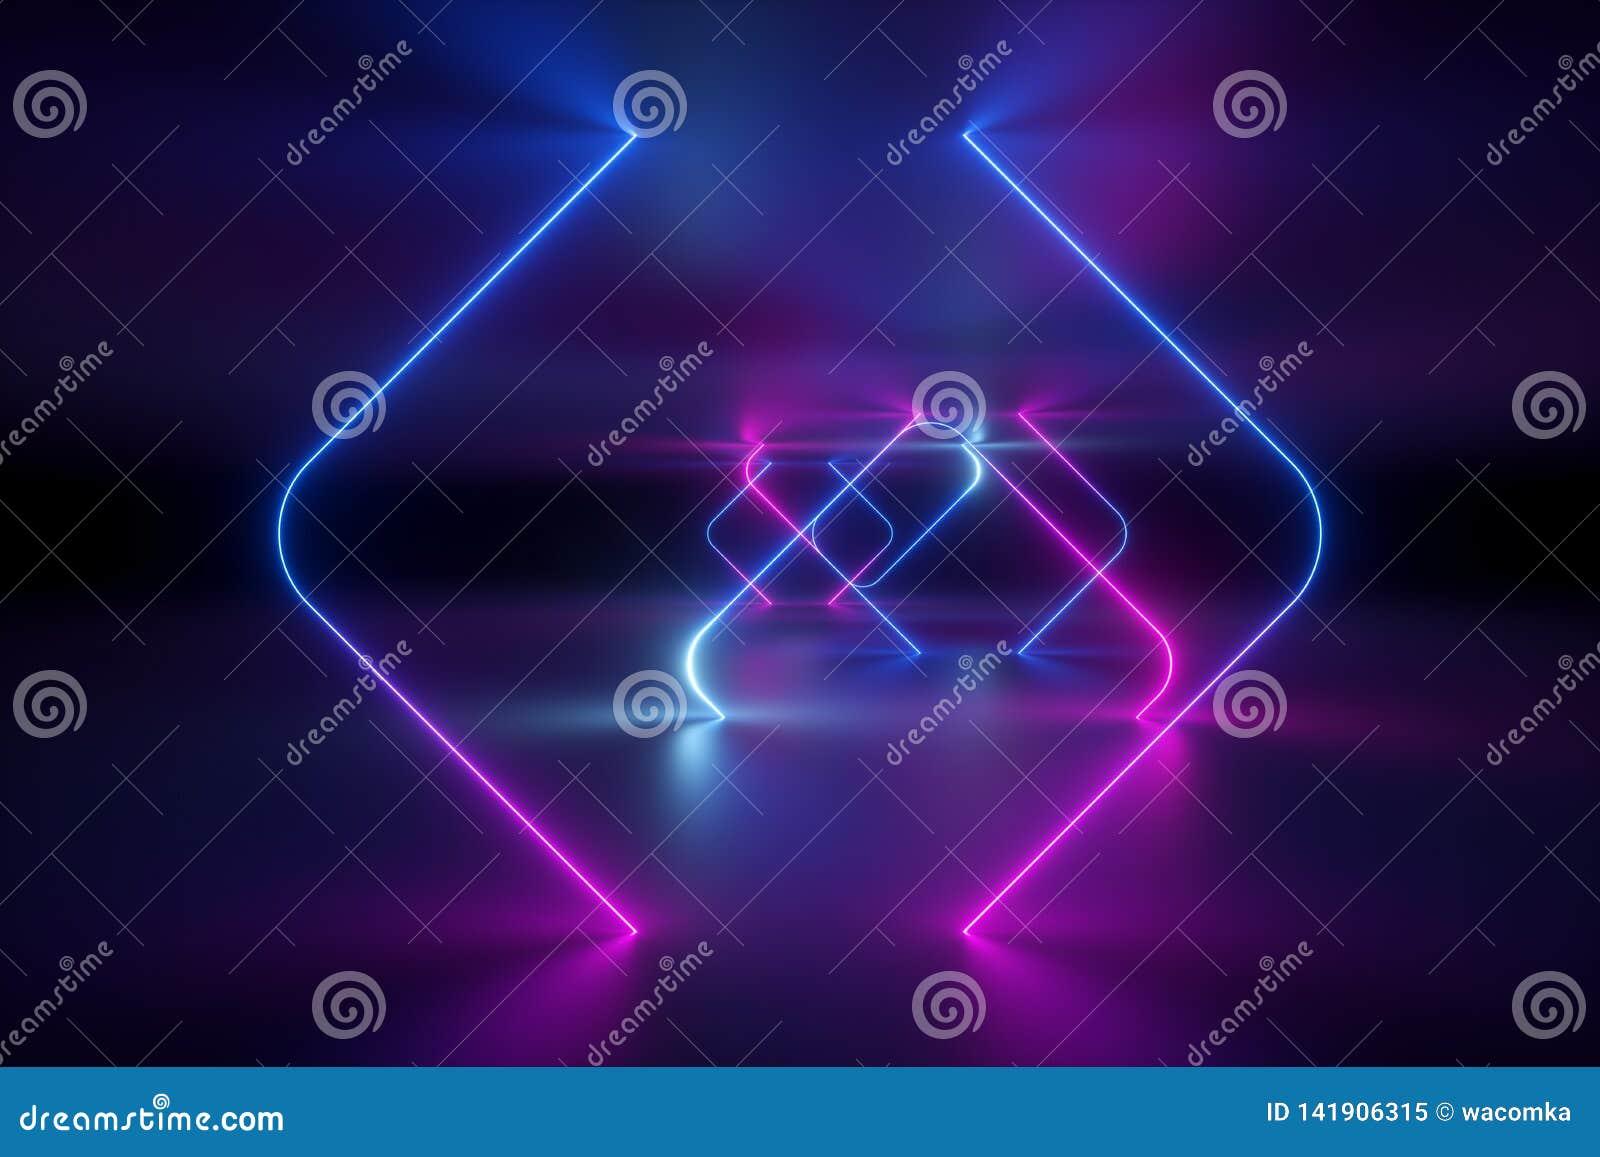 3d回报,抽象背景,紫外霓虹灯,虚拟现实,发光的线,隧道,桃红色蓝色充满活力的颜色,激光